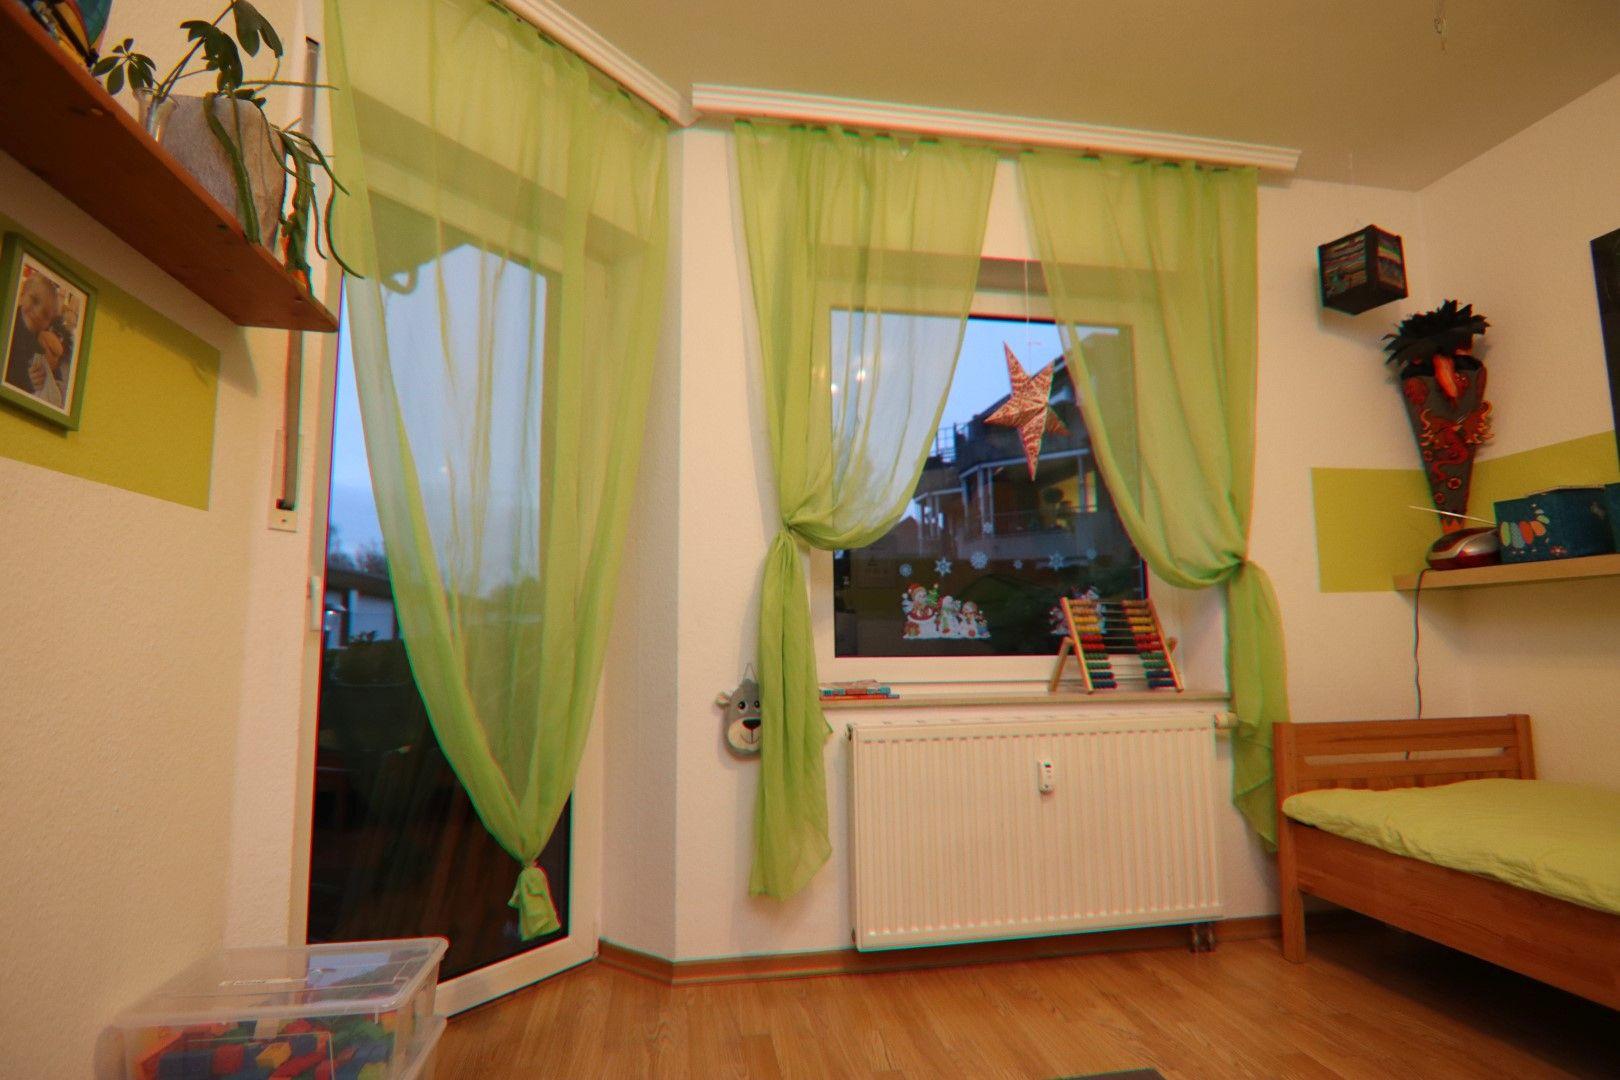 Immobilie Nr.0288 - 4 Zimmer EG-Wohnung mit 2 Bädern und 2 Balkonen - Bild 10.jpg